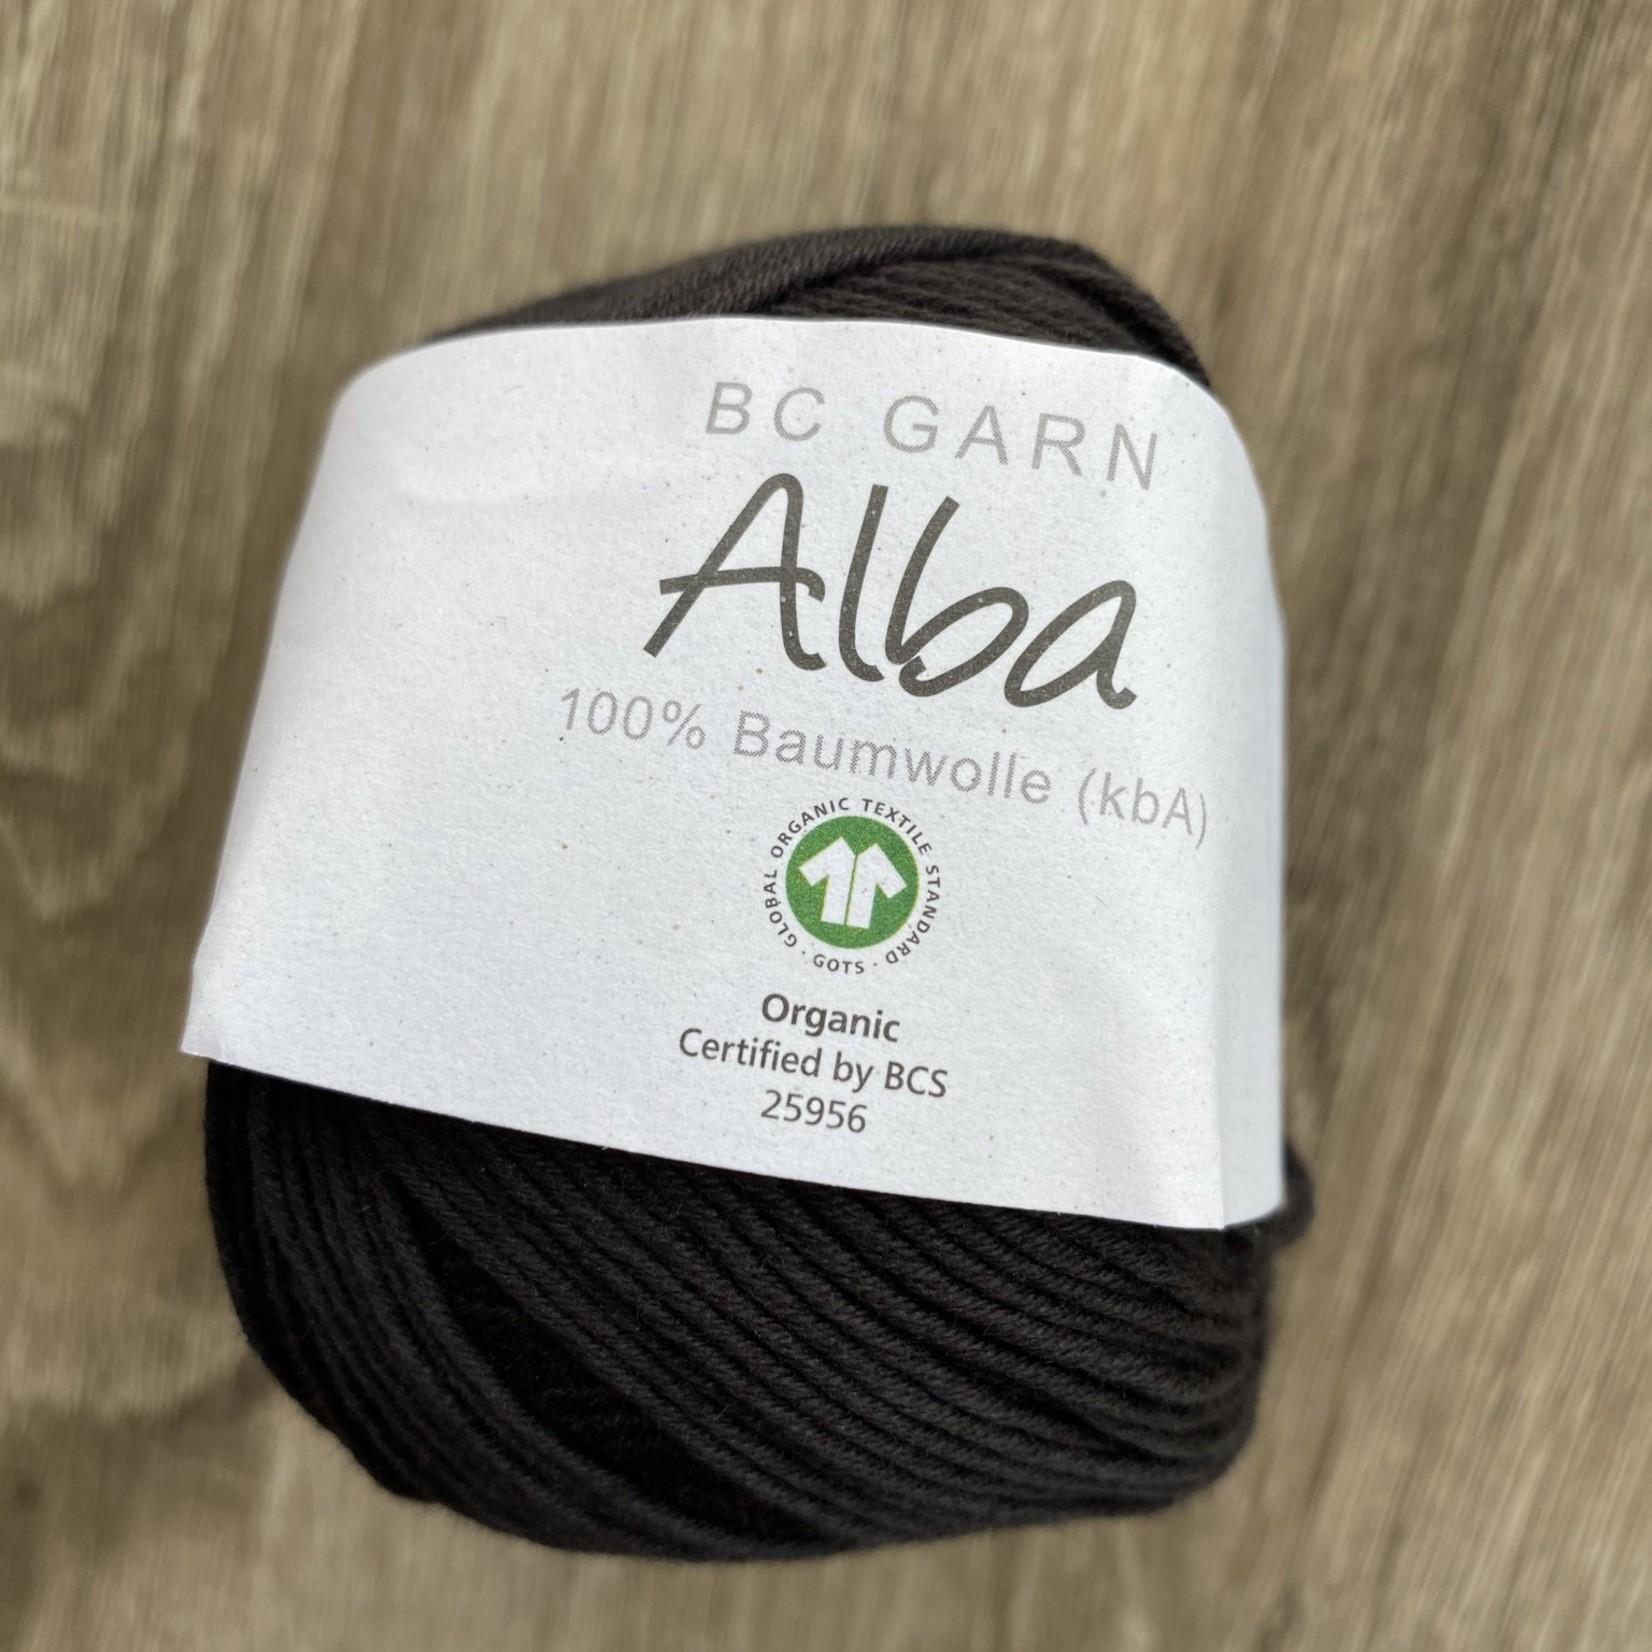 BC Garn BC Garn - Alba